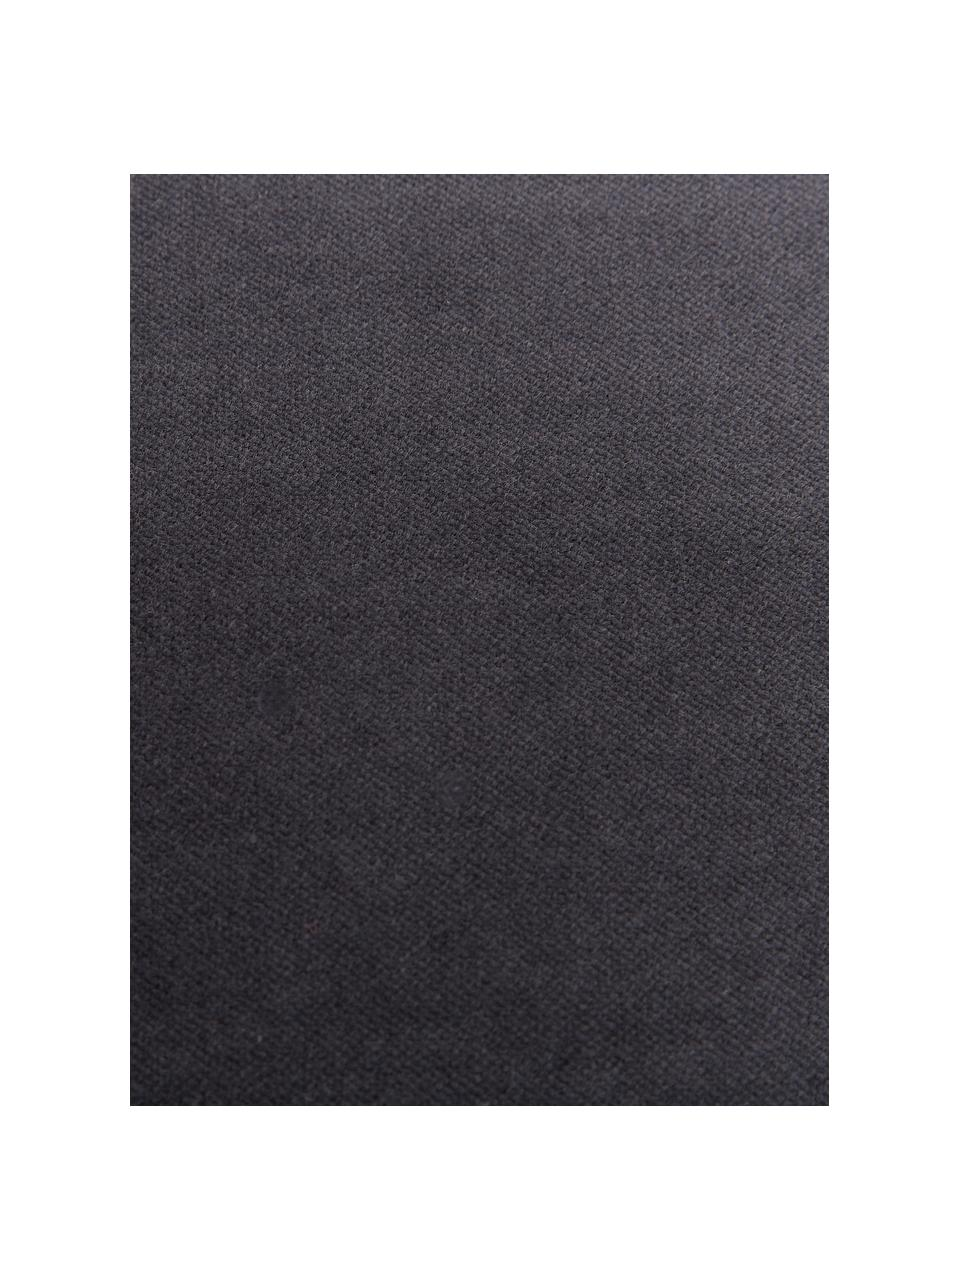 Poszewka na poduszkę z aksamitu Dana, 100% aksamit bawełniany, Czarny, S 40 x D 40 cm